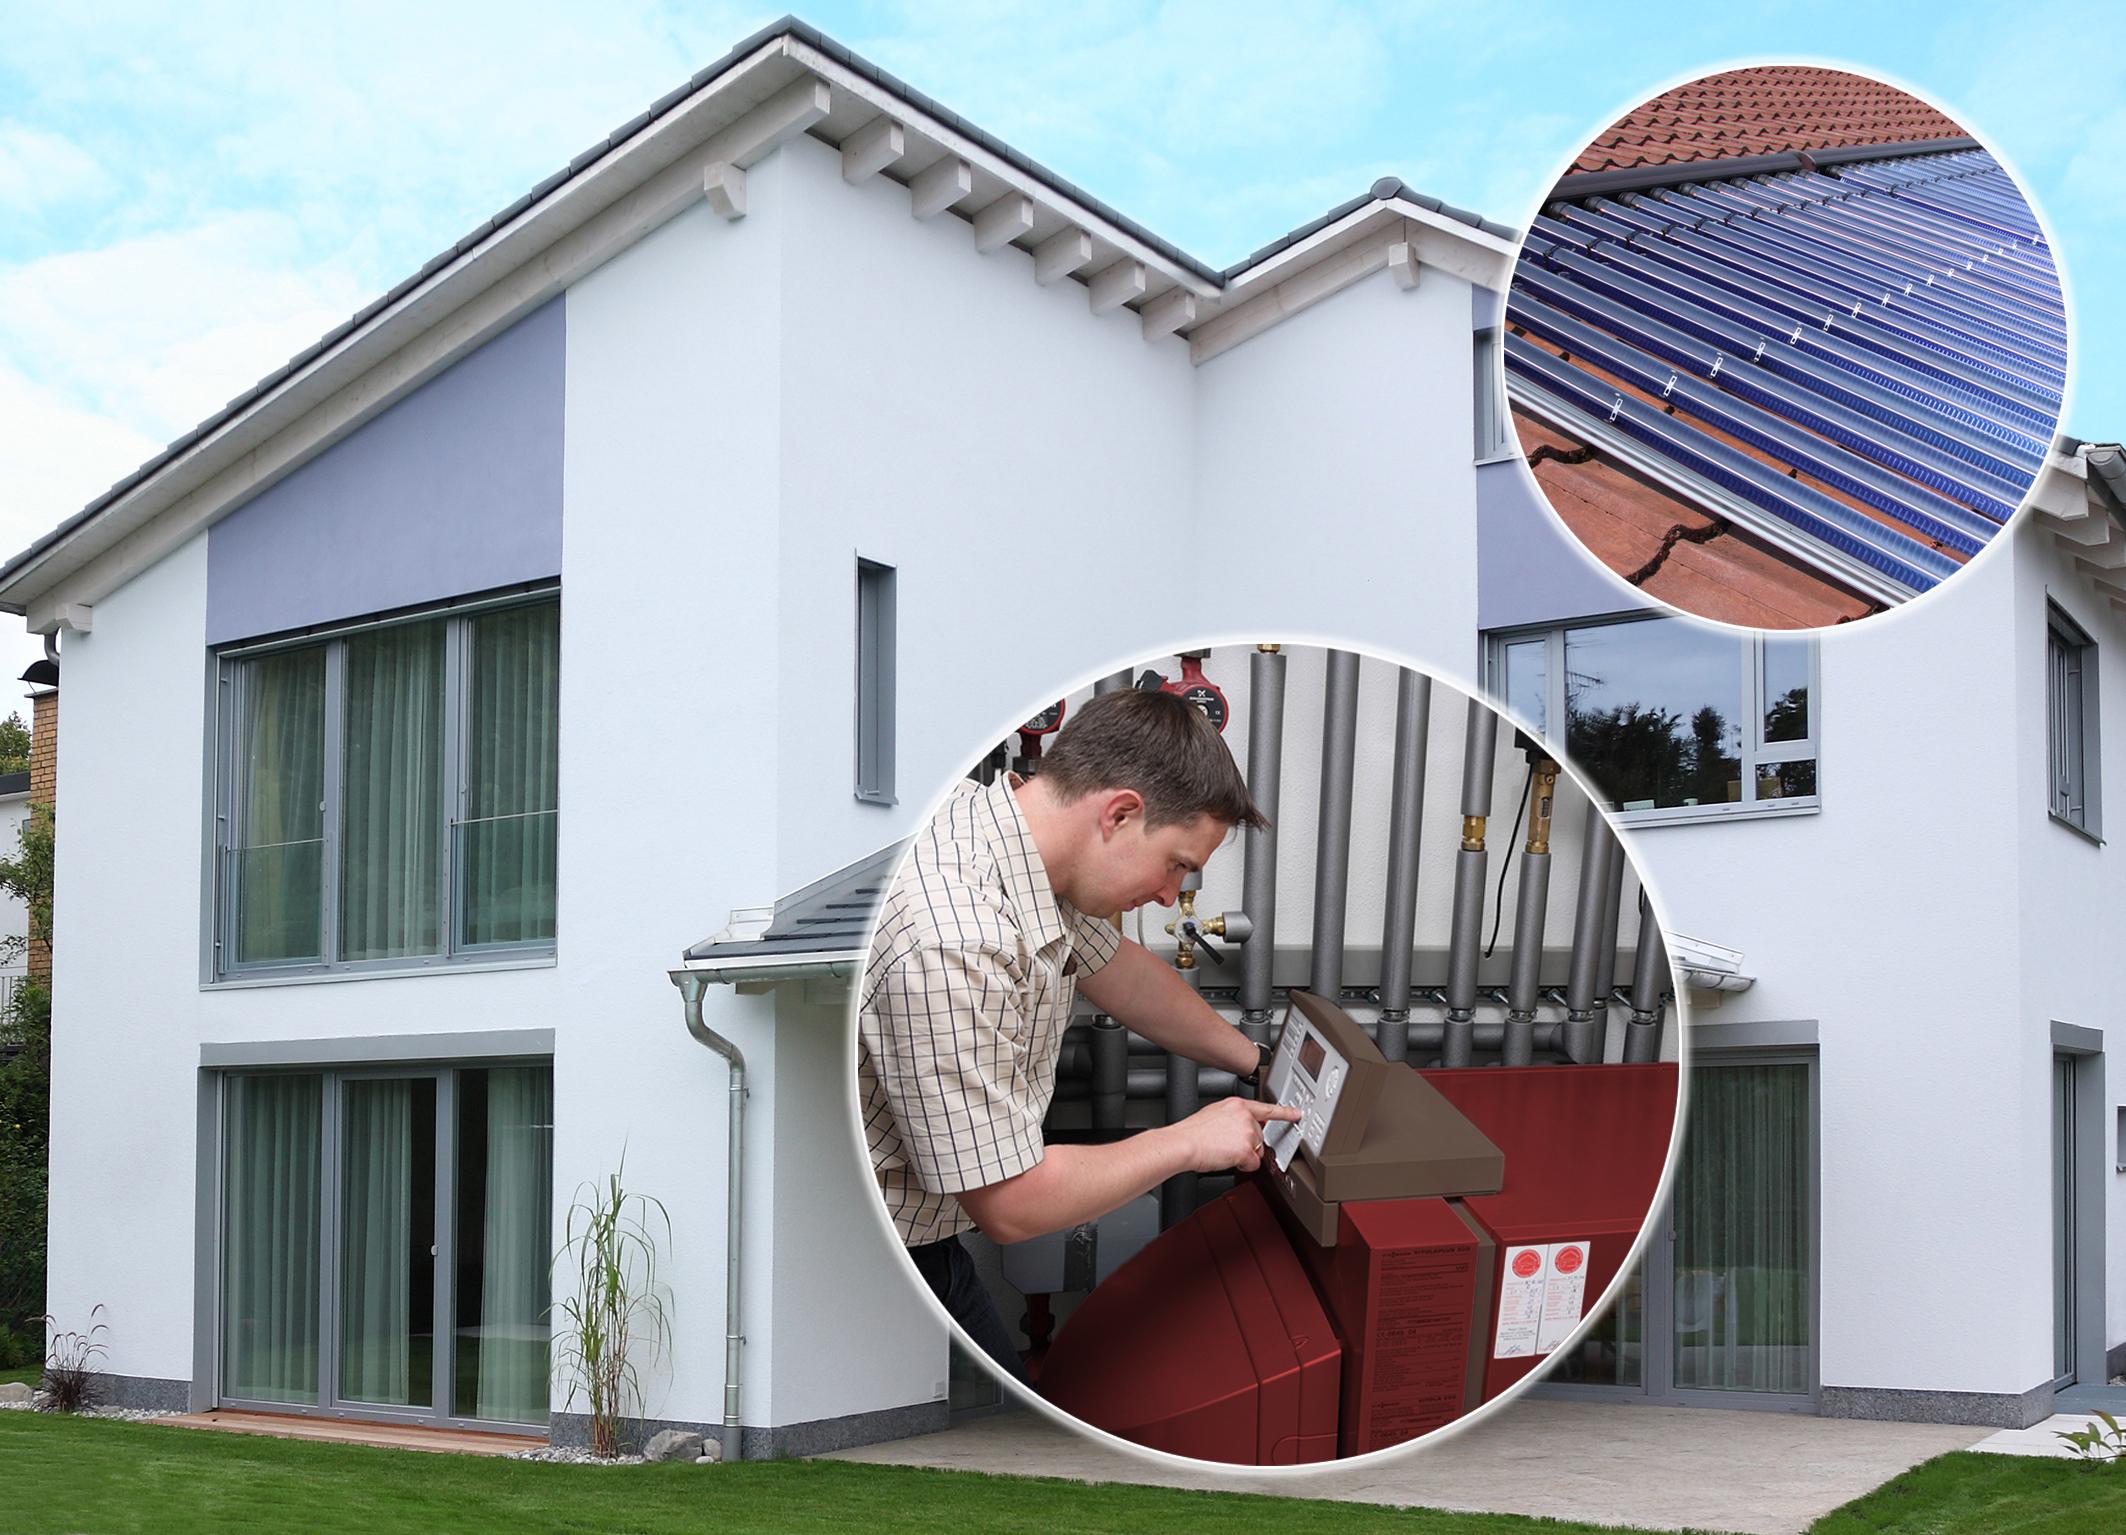 heizung modernisieren und pr mie sichern aktion deutschland macht plus wird verl ngert. Black Bedroom Furniture Sets. Home Design Ideas